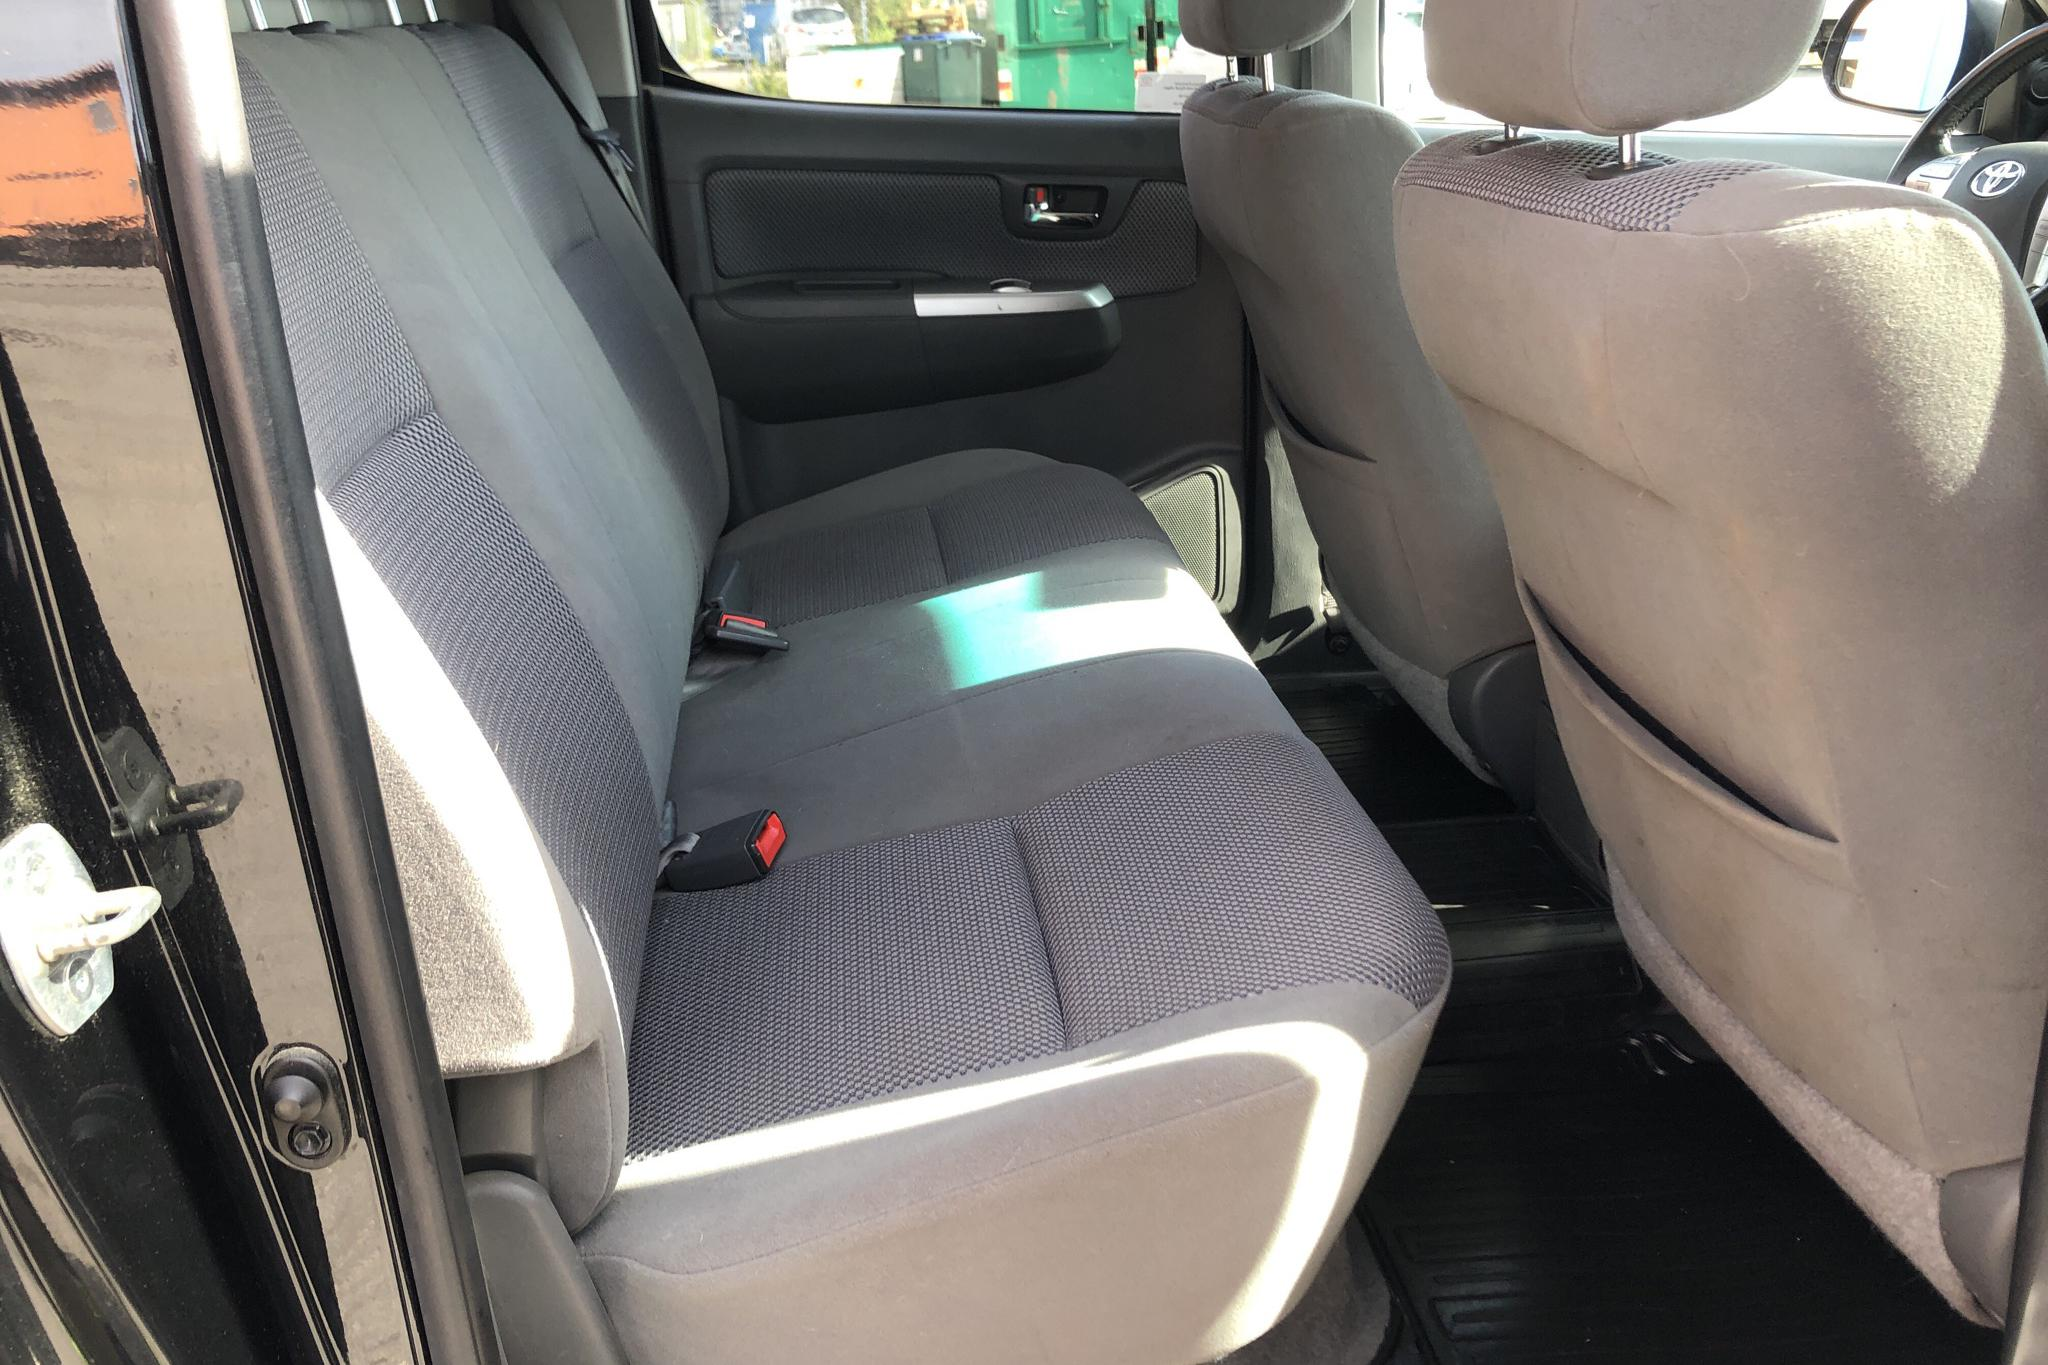 Toyota Hilux 3.0 D-4D 4WD (171hk) - 150 140 km - Automatic - black - 2013